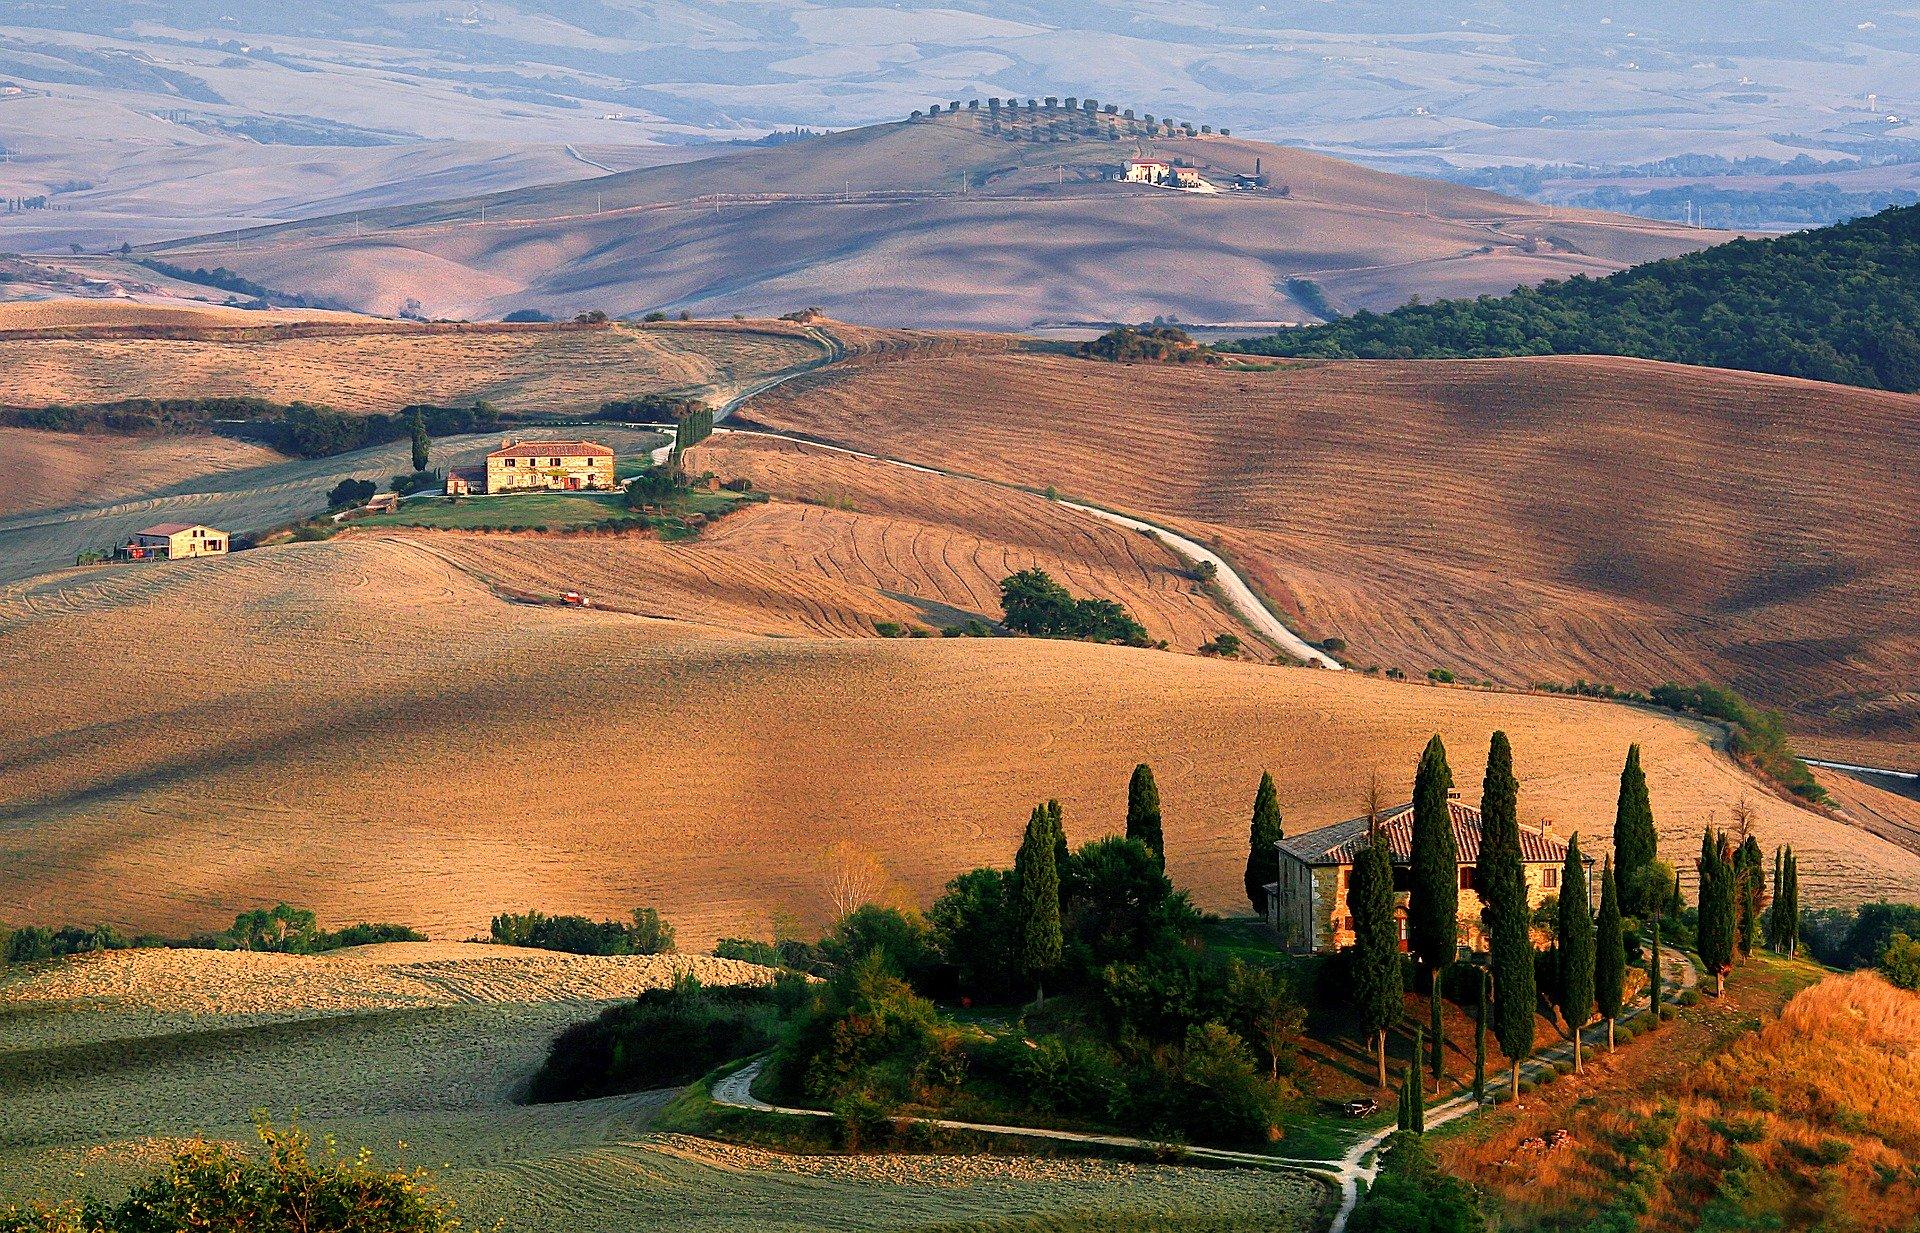 tuscany-1707192_1920 (1)